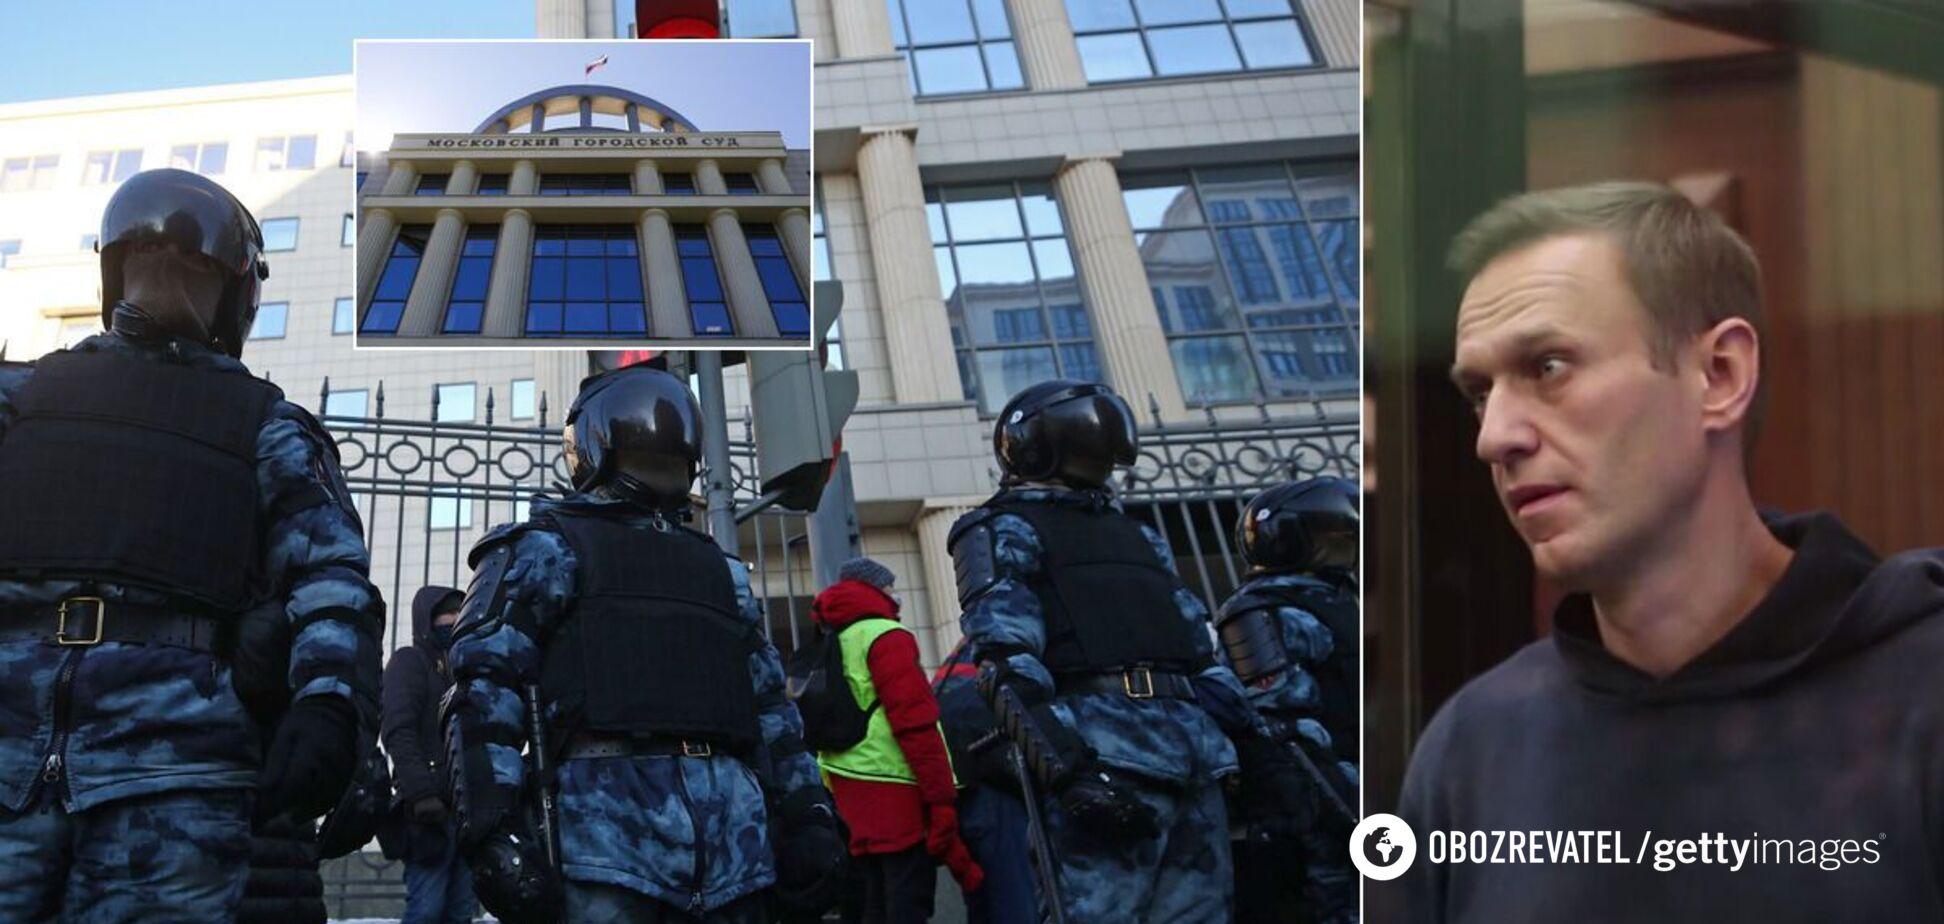 В Москве снова судят Навального: сотни людей задержали. Фото